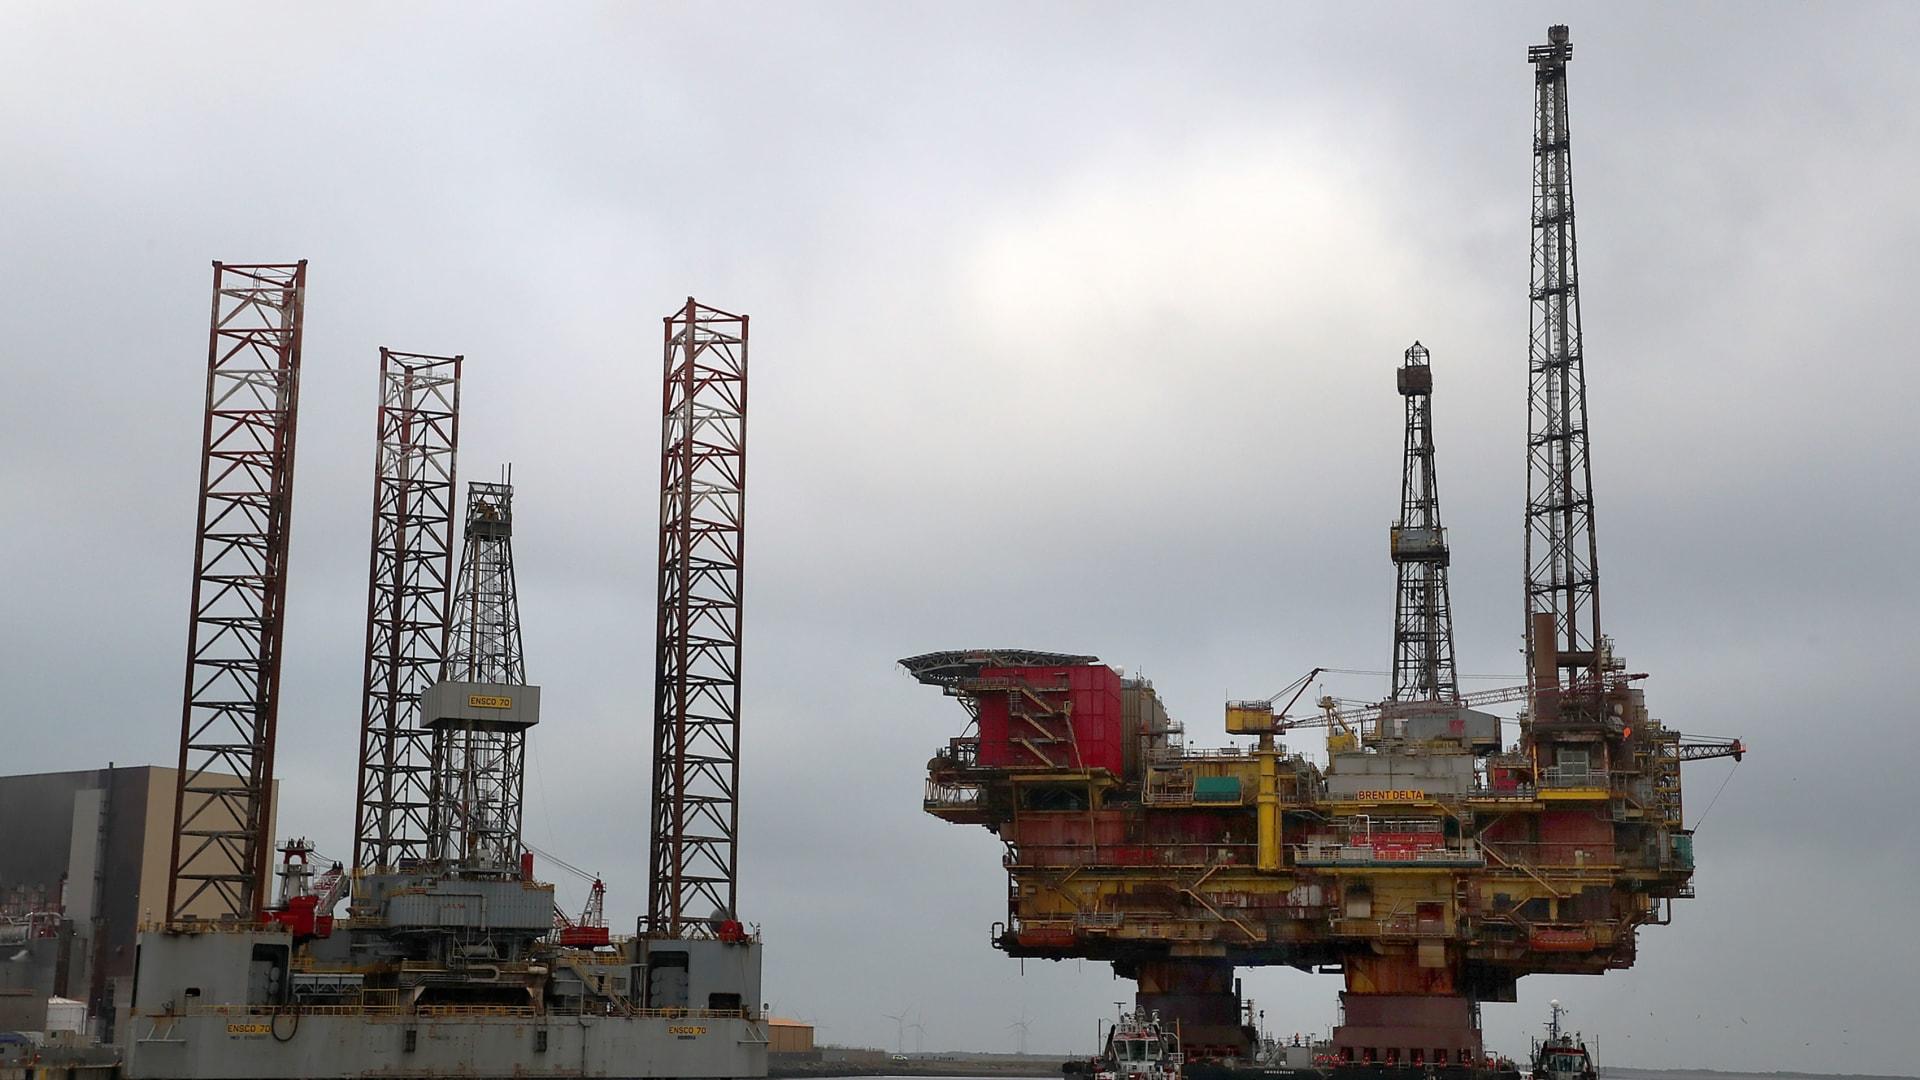 أوبك تحت ضغط كبير بسبب كورونا.. وهكذا أثر الفيروس على طلب النفط